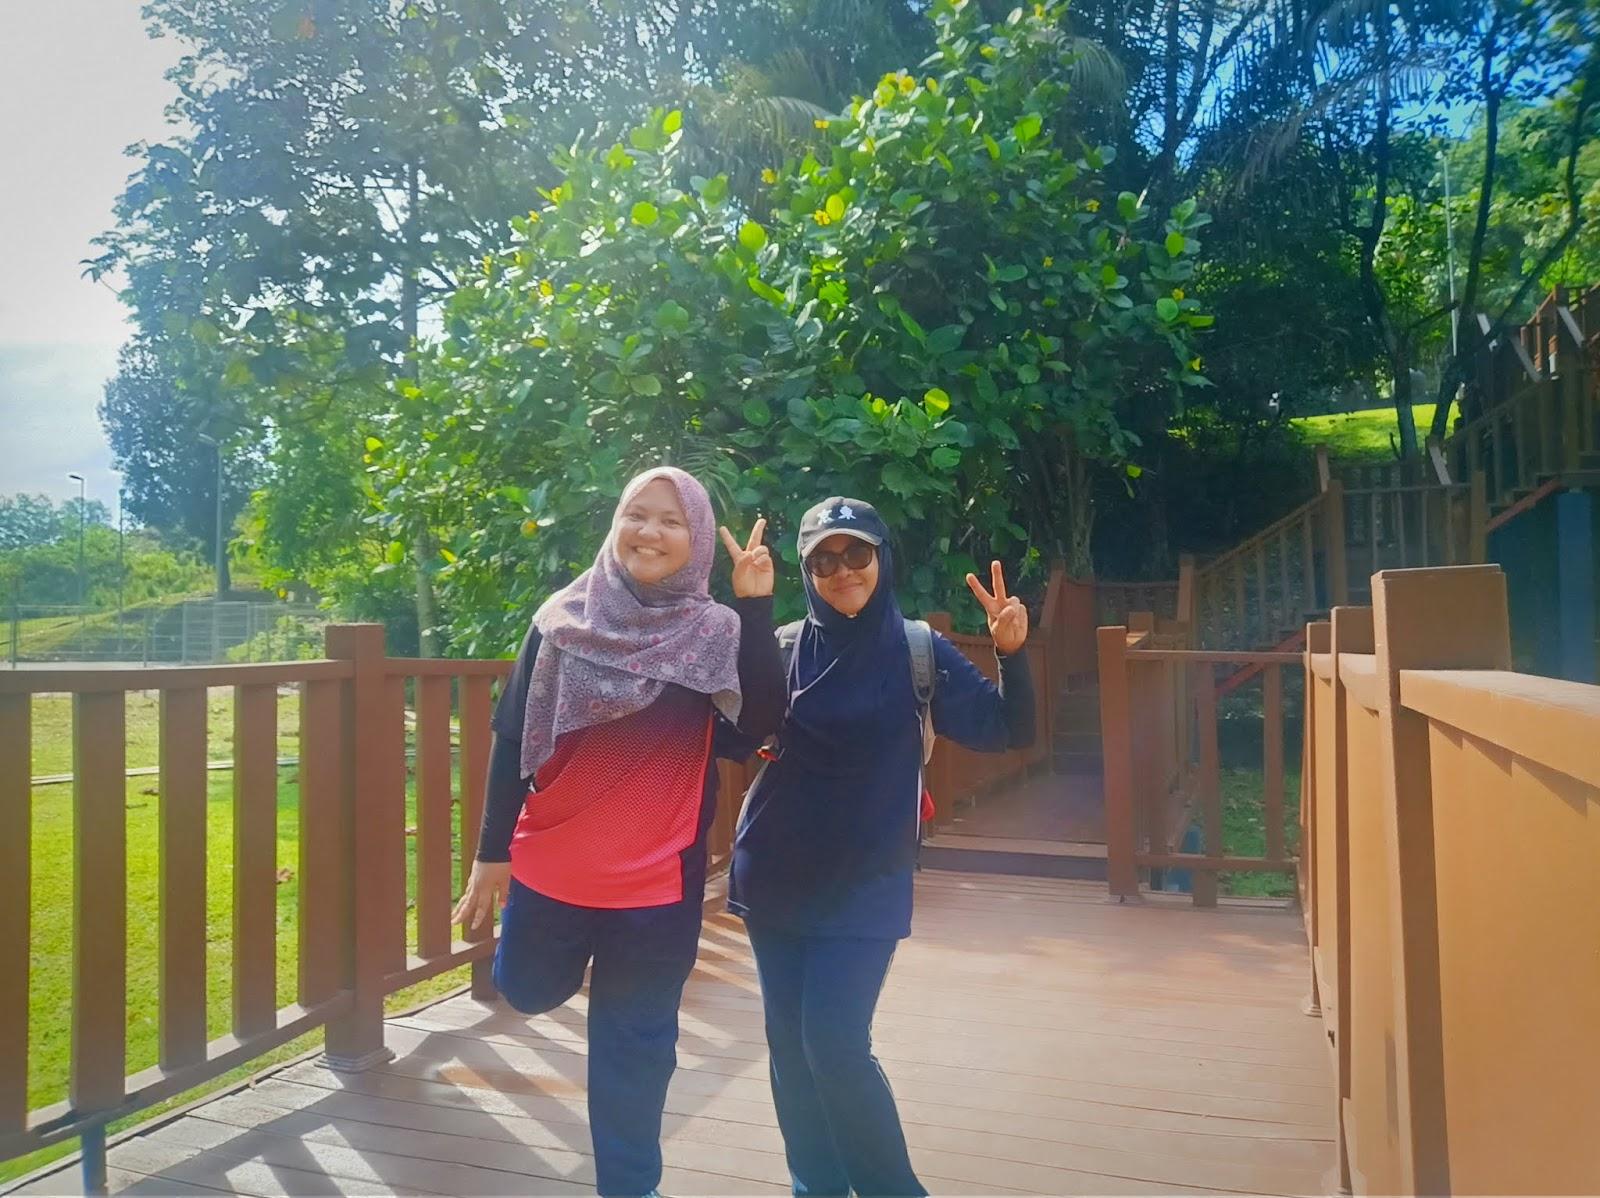 Hiking Hutan Pendidikan Bukit Gasing, Cara ke Hutan Pendidikan Bukit Gasing